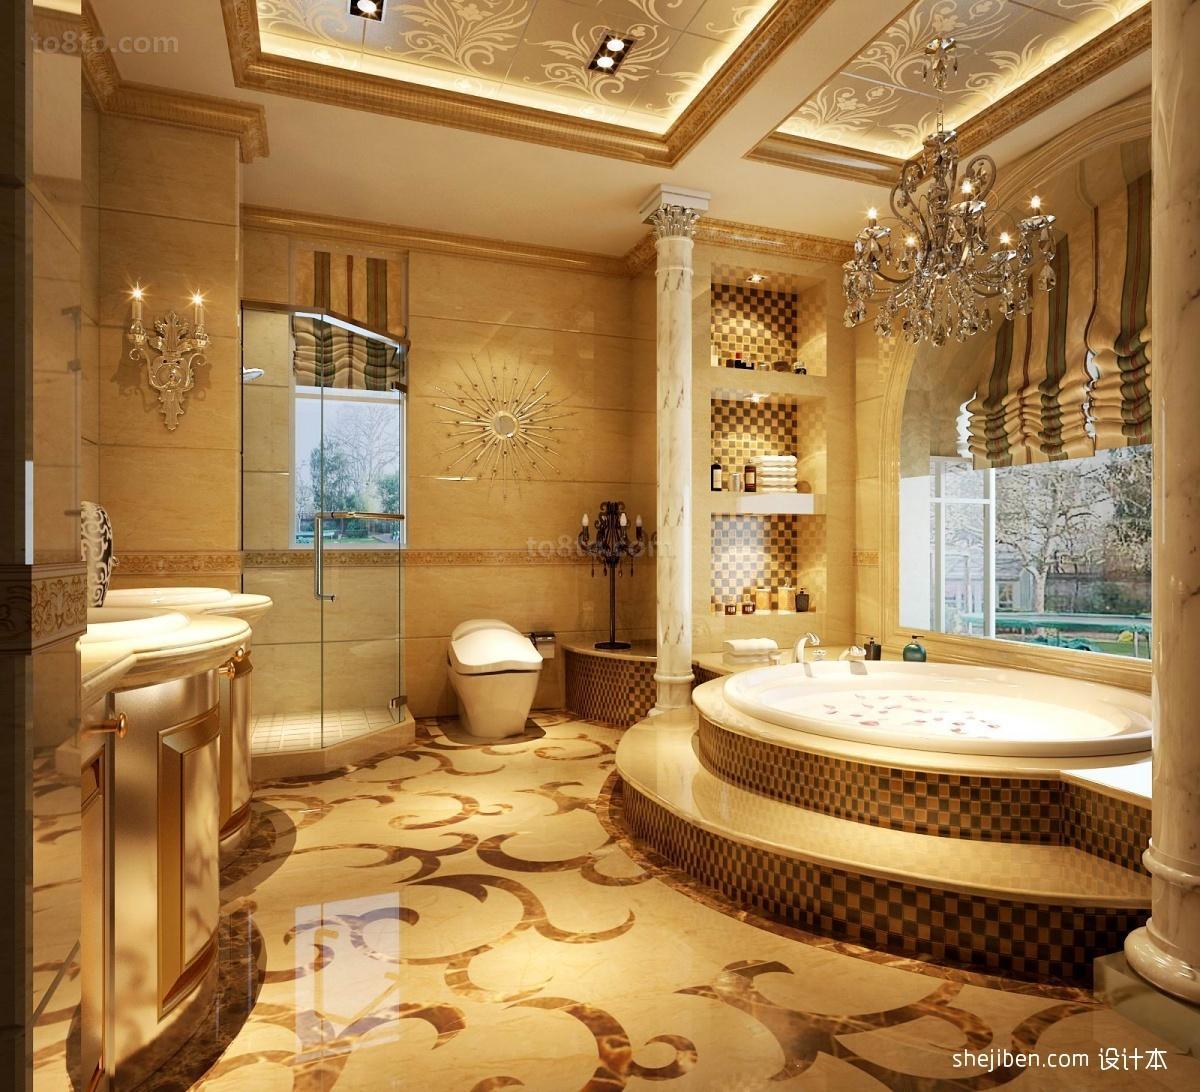 欧式风格卫生间卫生间装修效果图 卫浴装修效果图